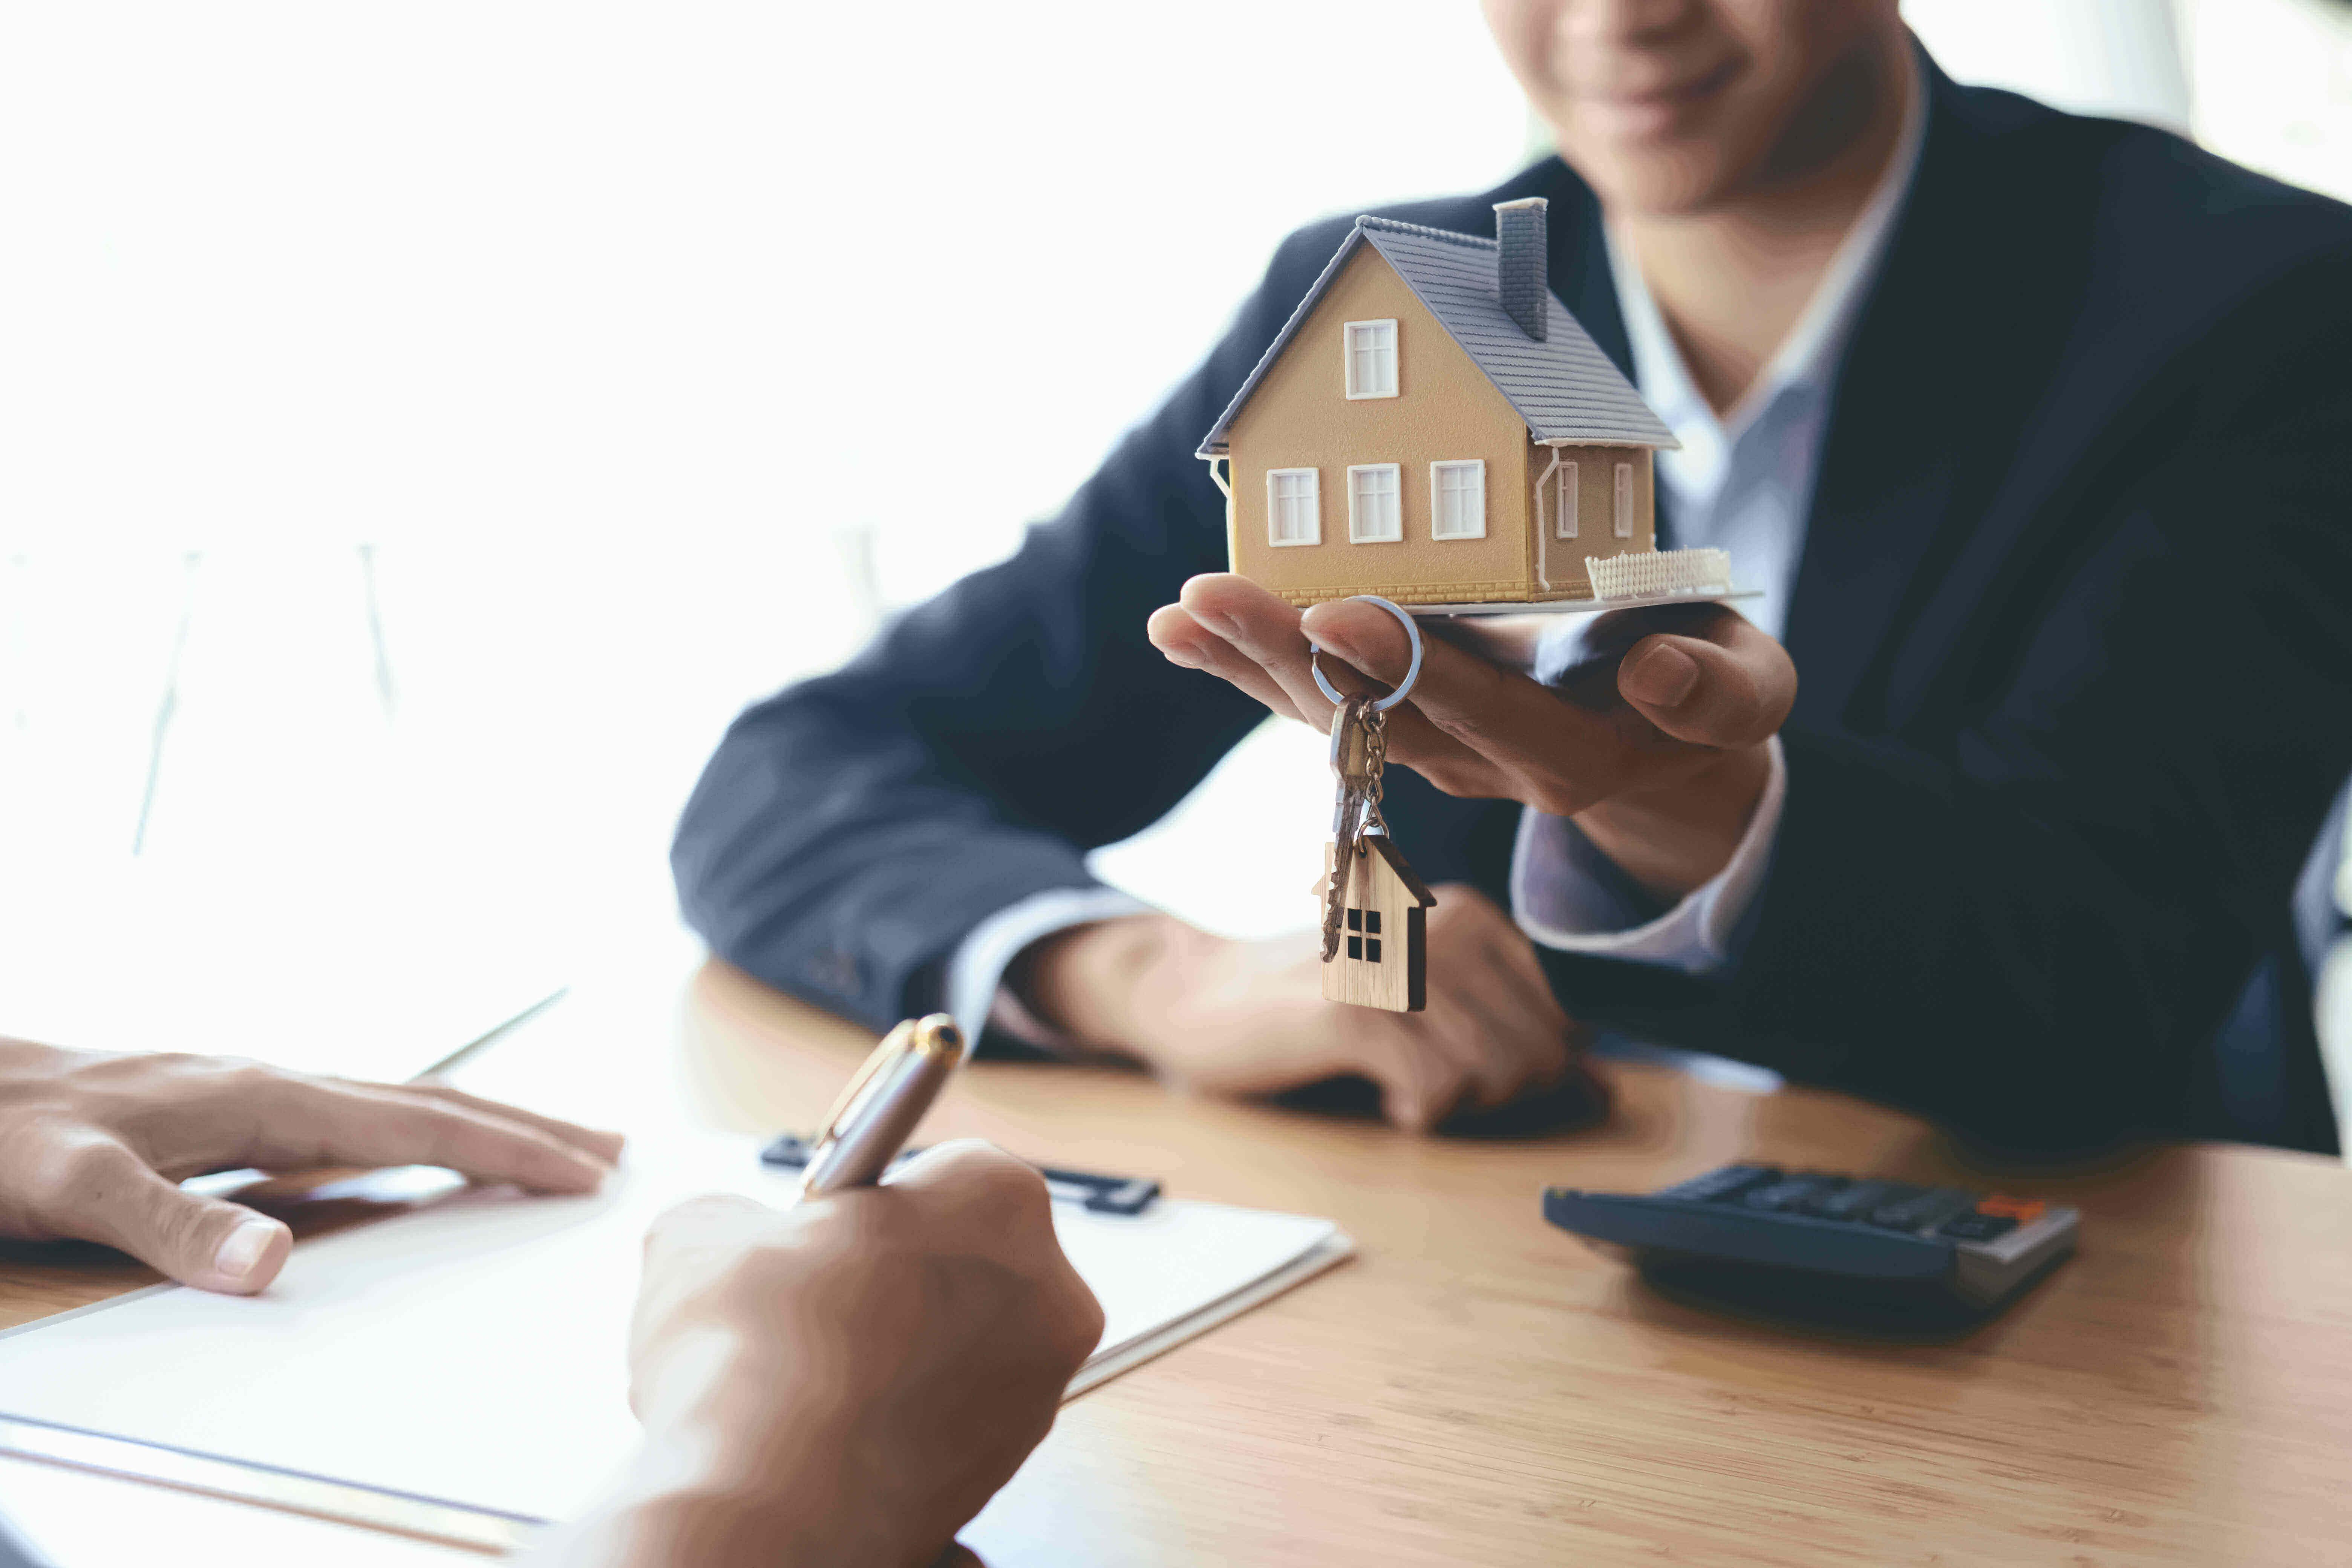 Immobilienkaufvertrag oder Grundstückskaufvertrag: Hinweise für Käufer und Verkäufer | BERATUNG.DE